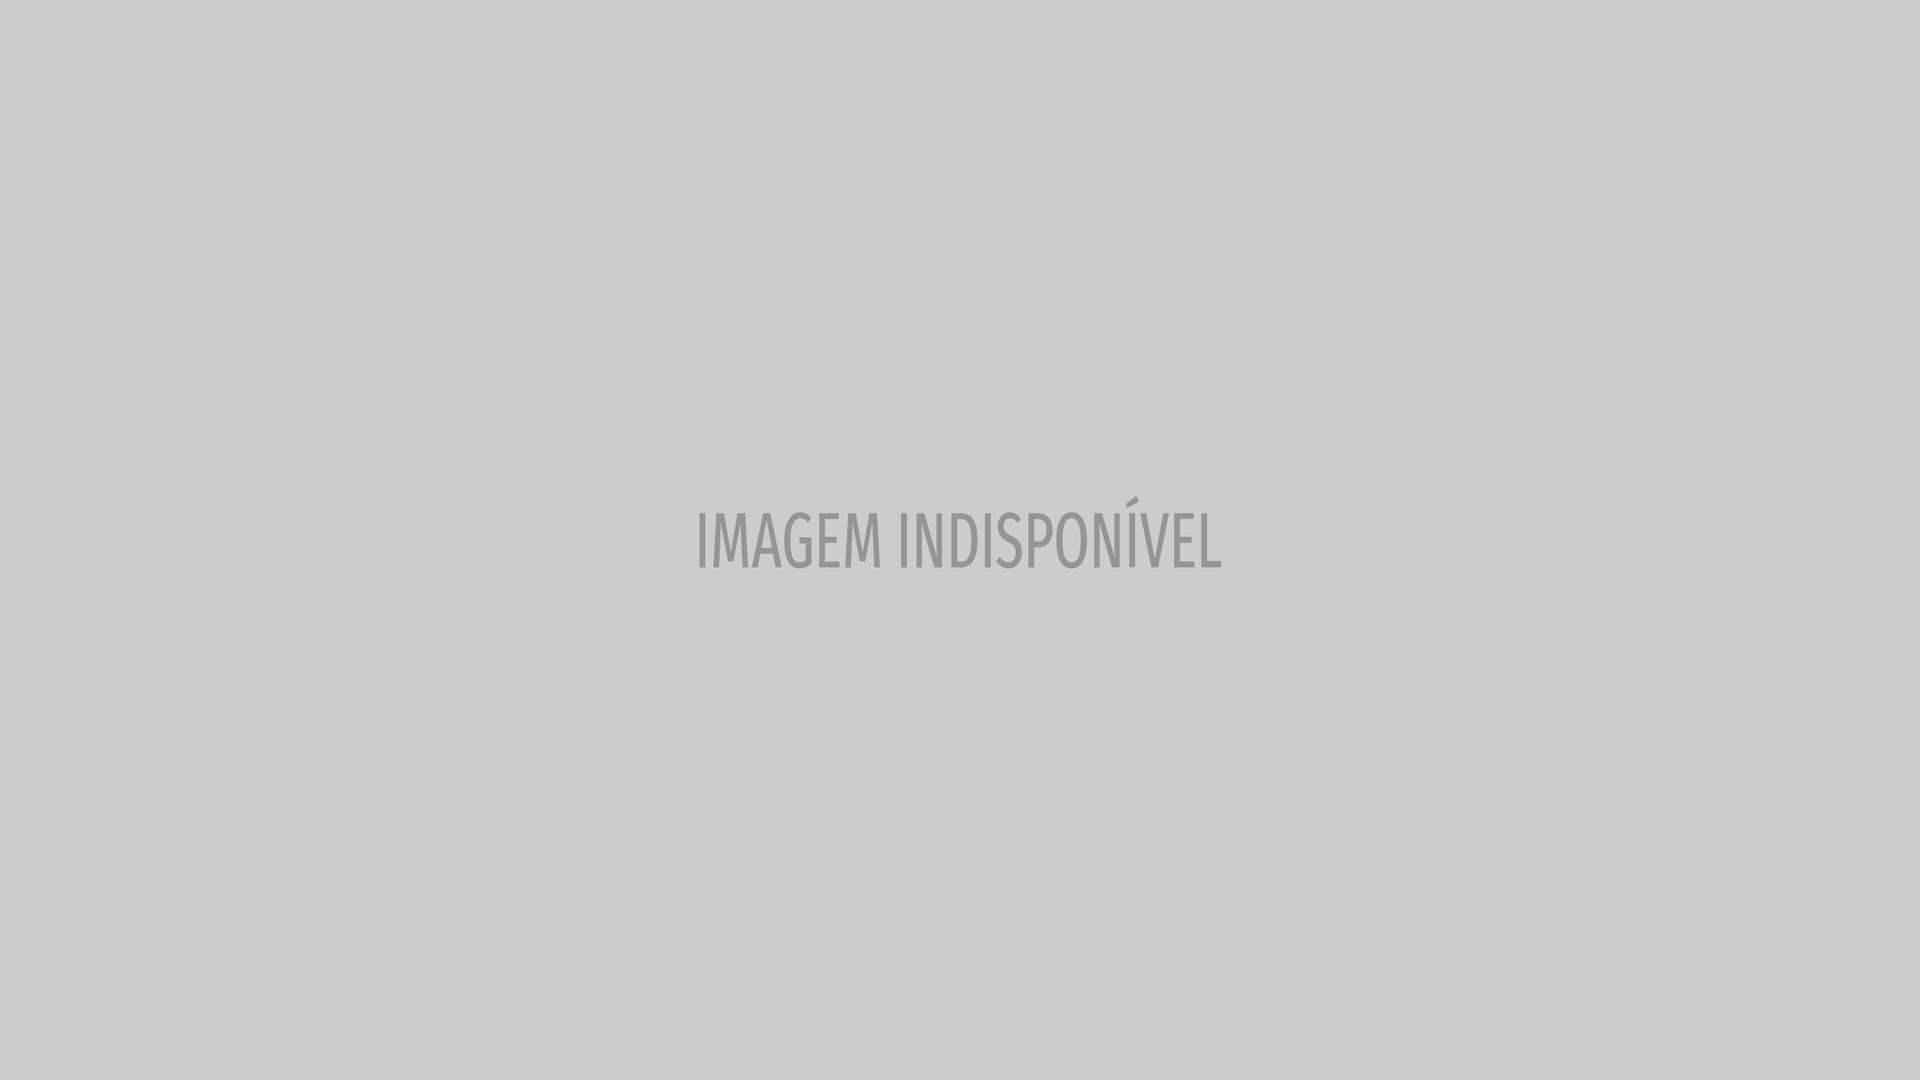 Marcelo recebeu a 'malta do Instagram' em Belém e tornou-se viral